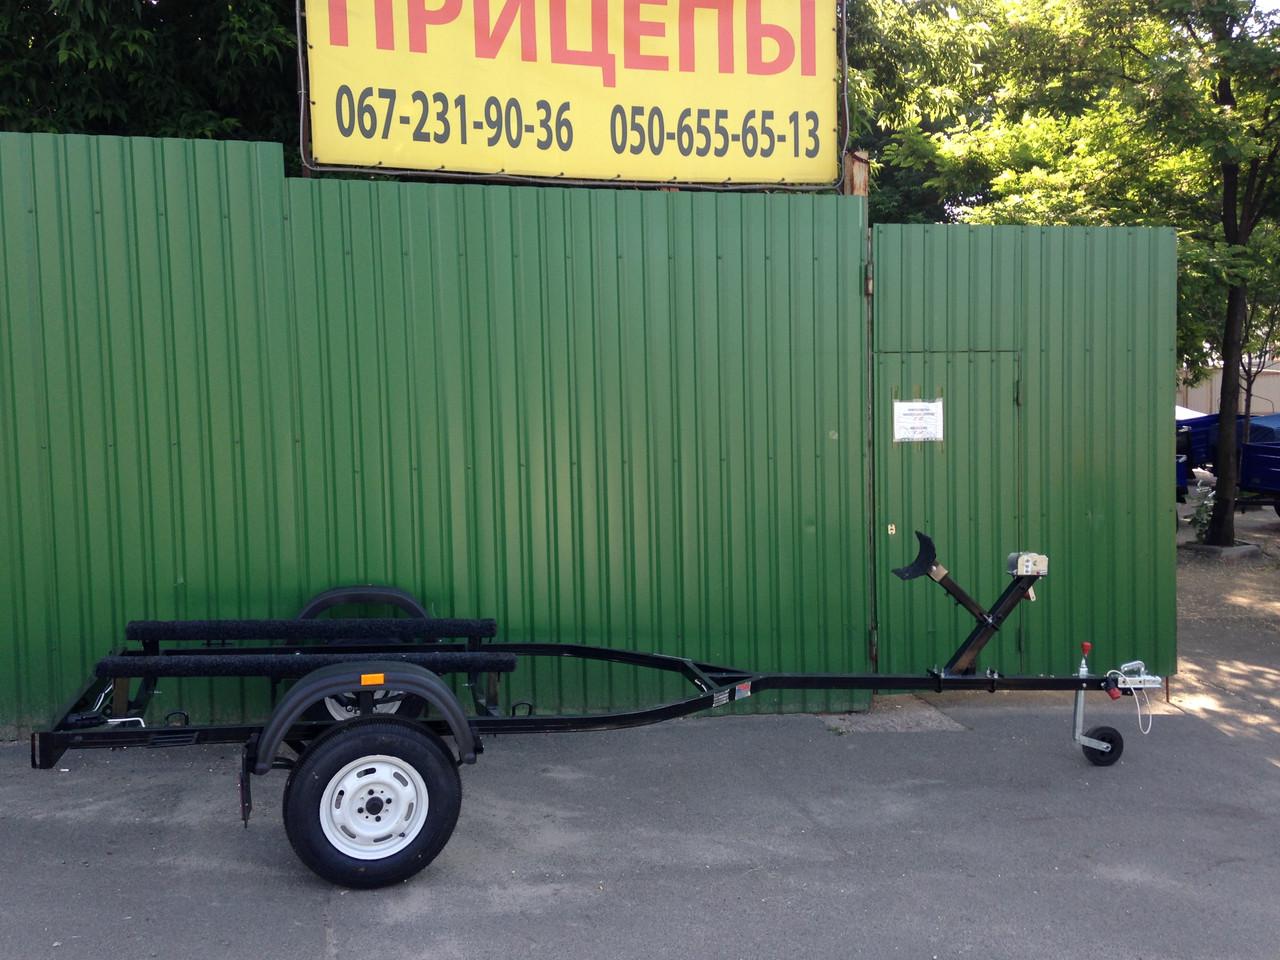 Причіп для перевезення човнів придбати в Києві